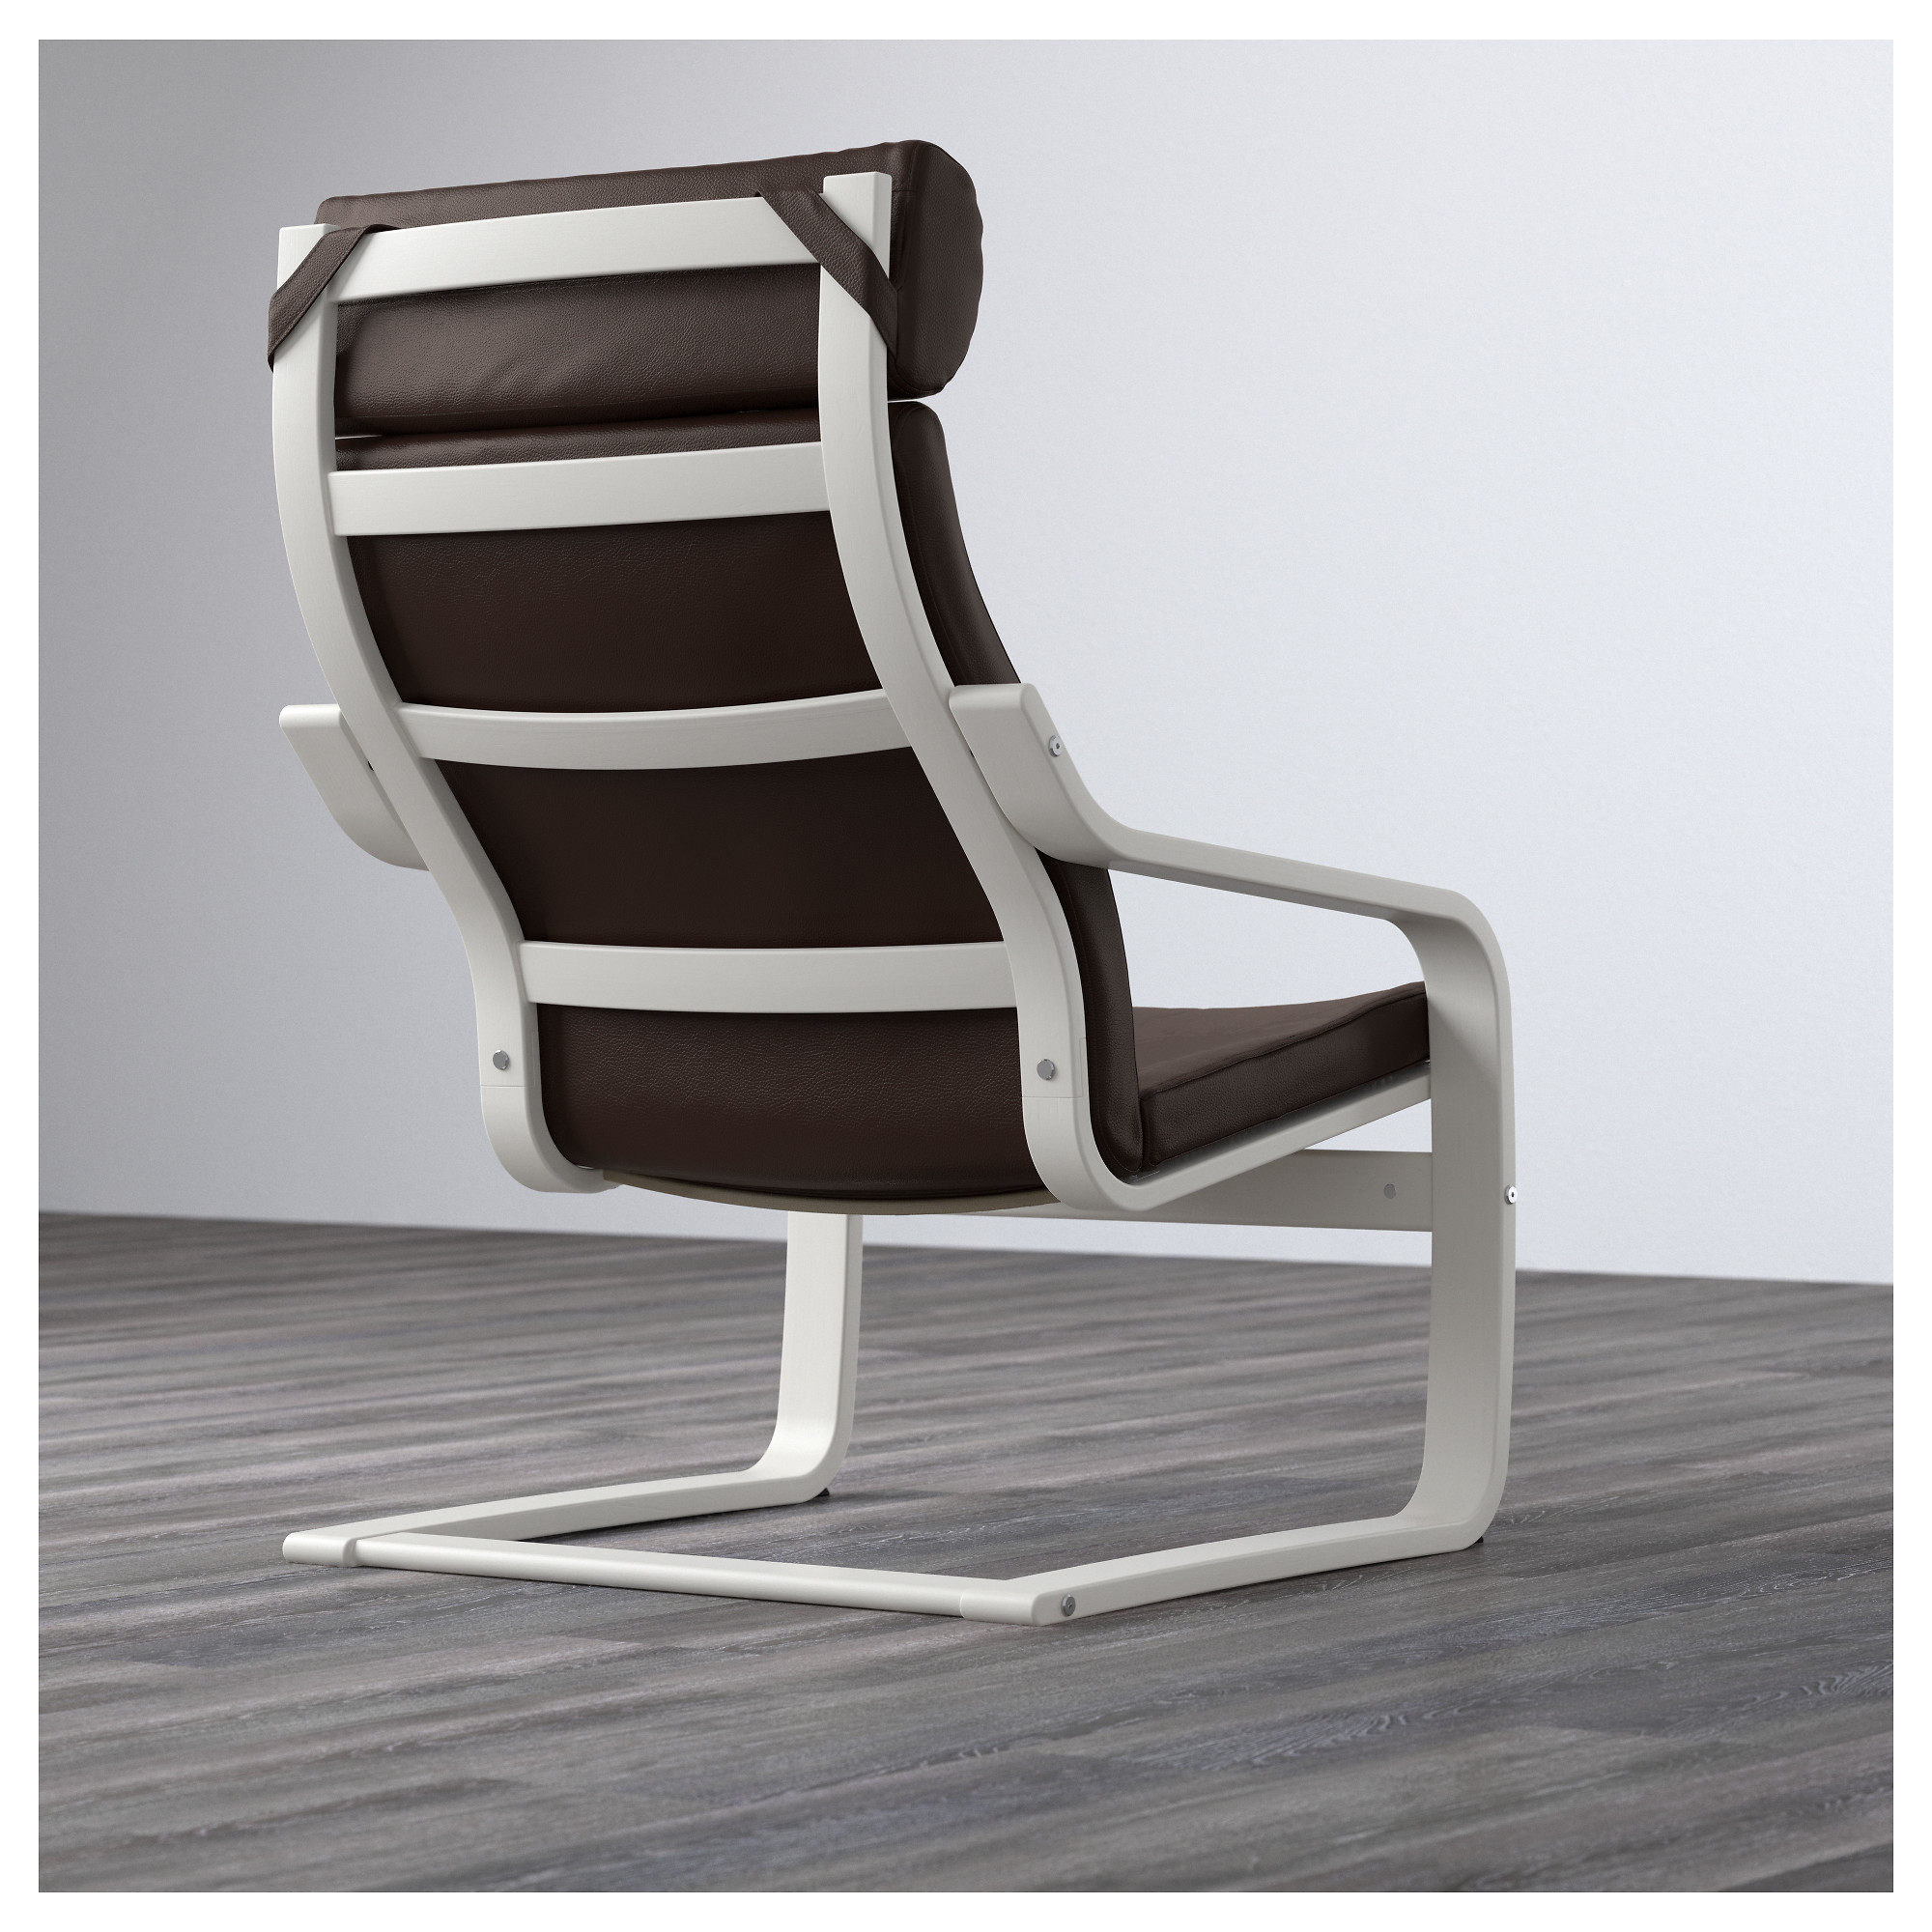 Кресло ПОЭНГ темно-коричневый артикуль № 092.514.71 в наличии. Online сайт IKEA Минск. Недорогая доставка и монтаж.